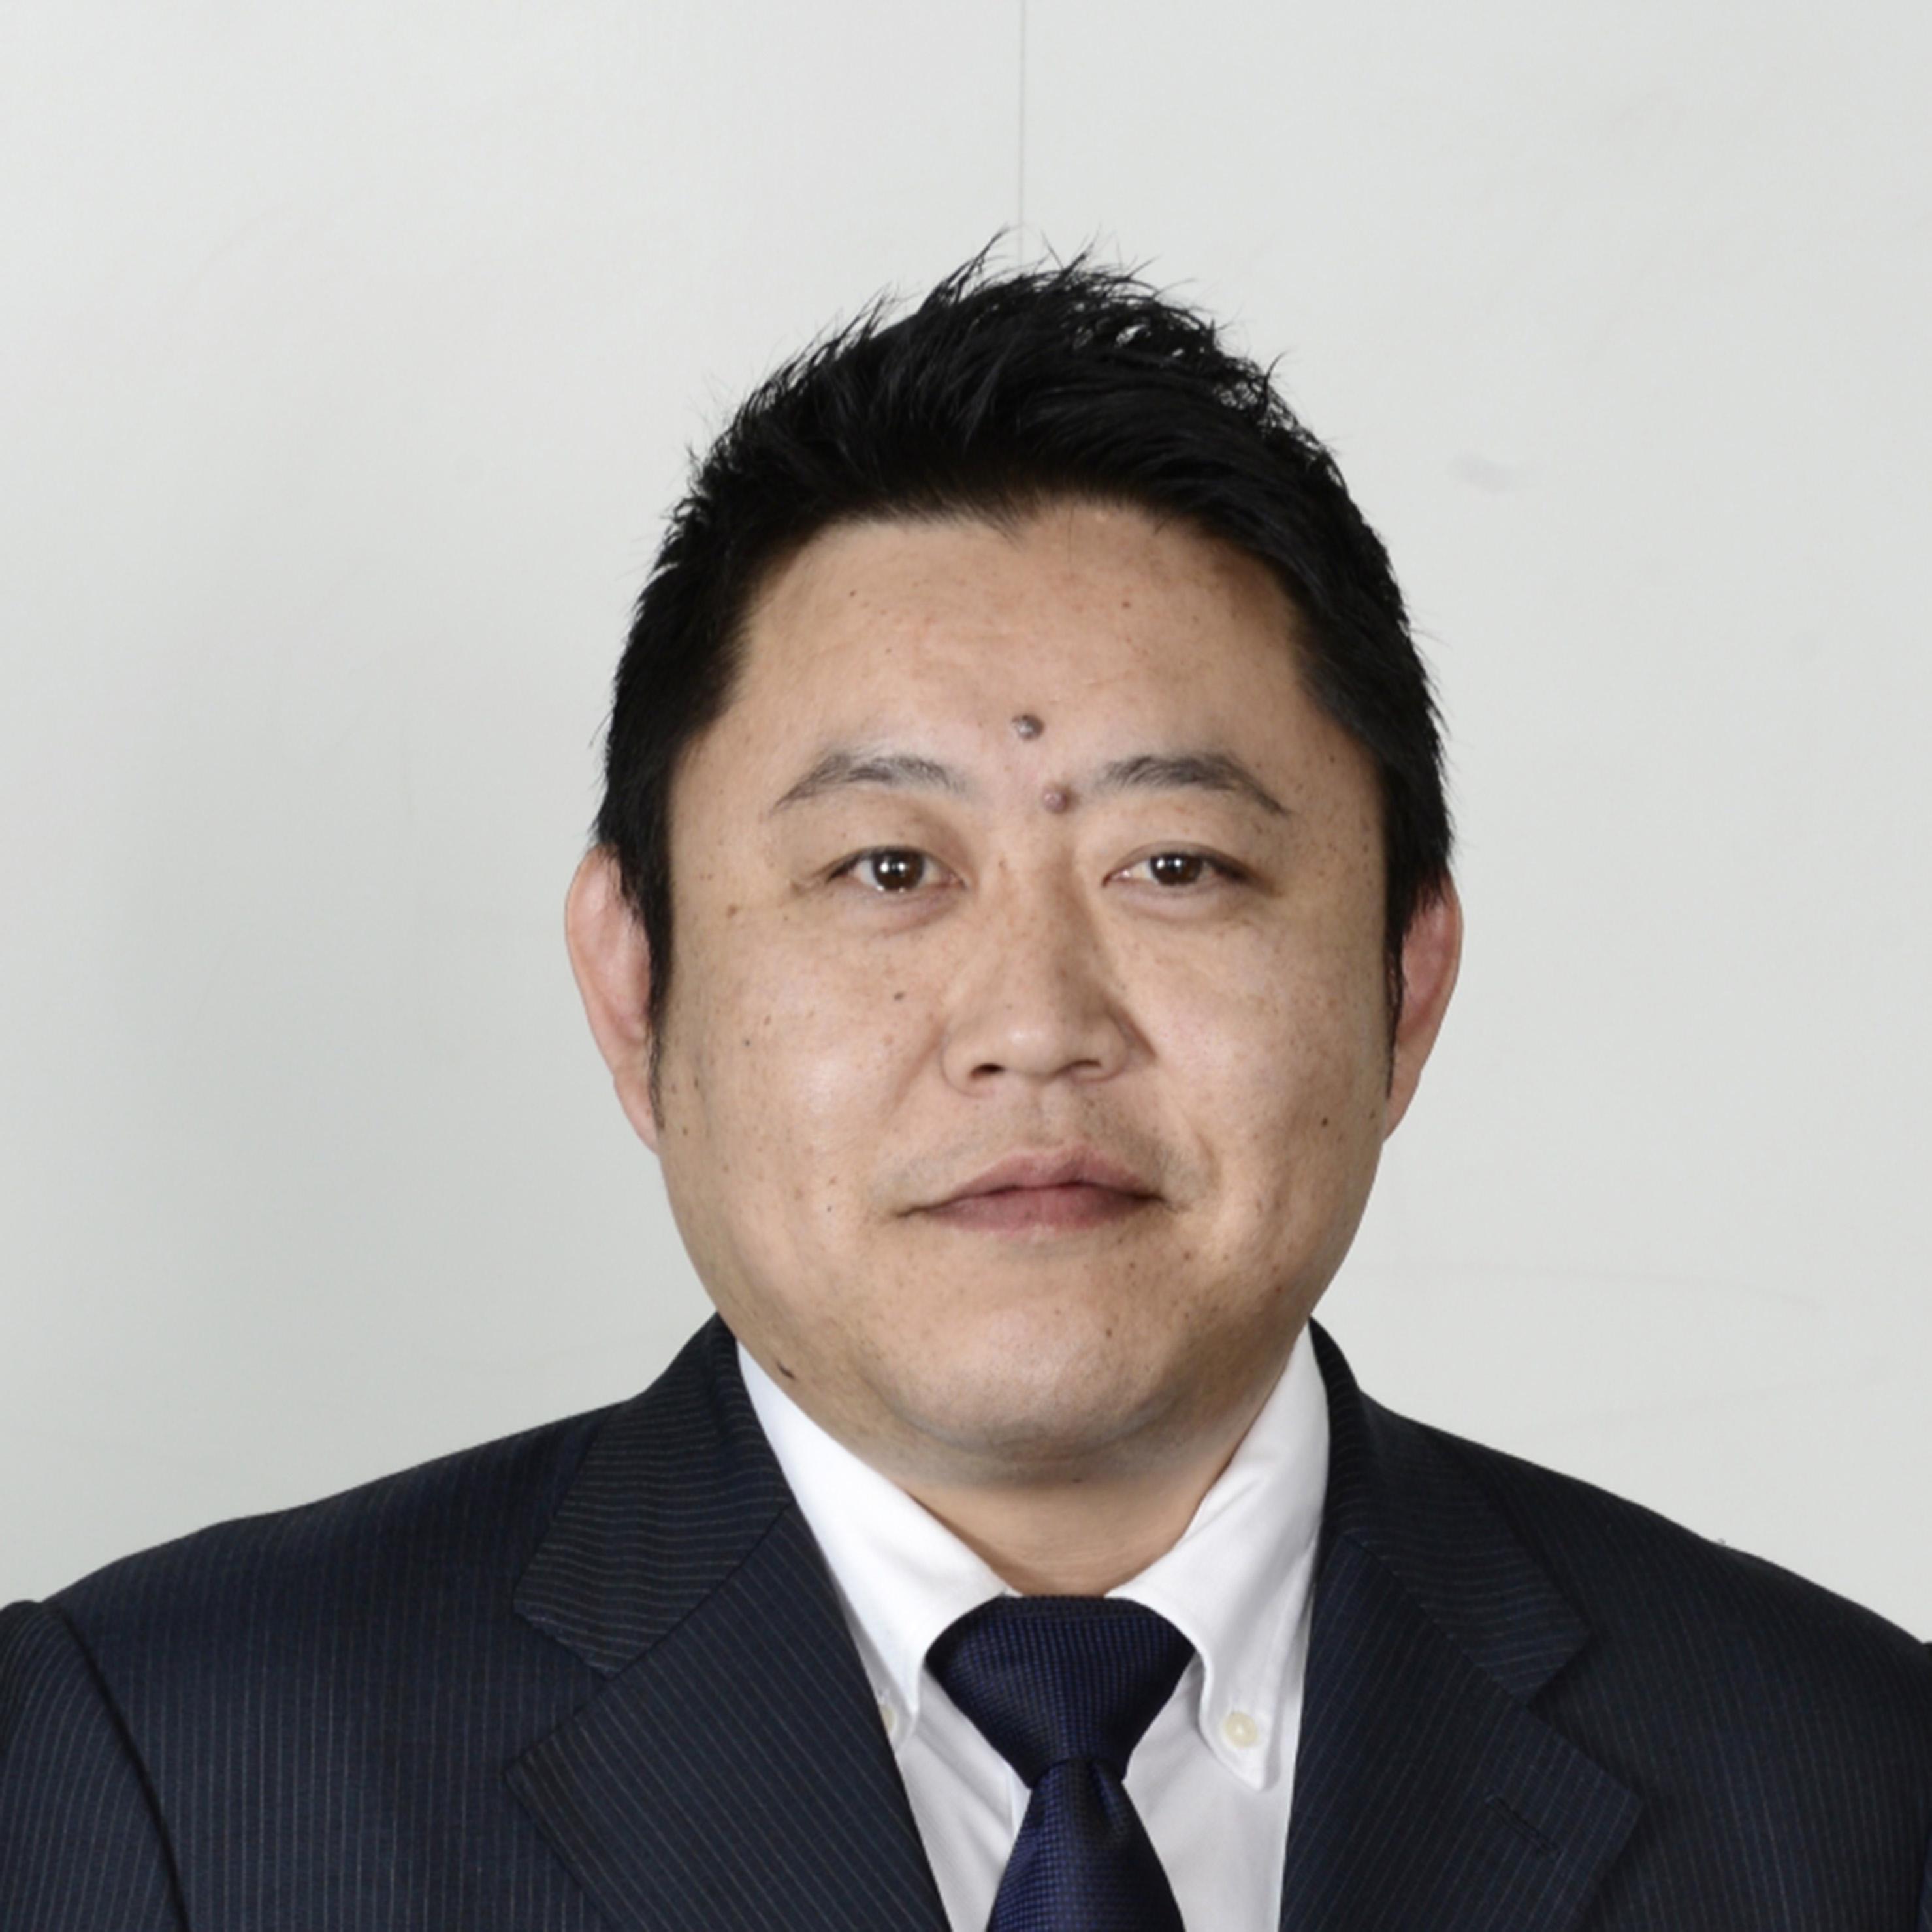 齊藤 誠(不動産コンサルタント)